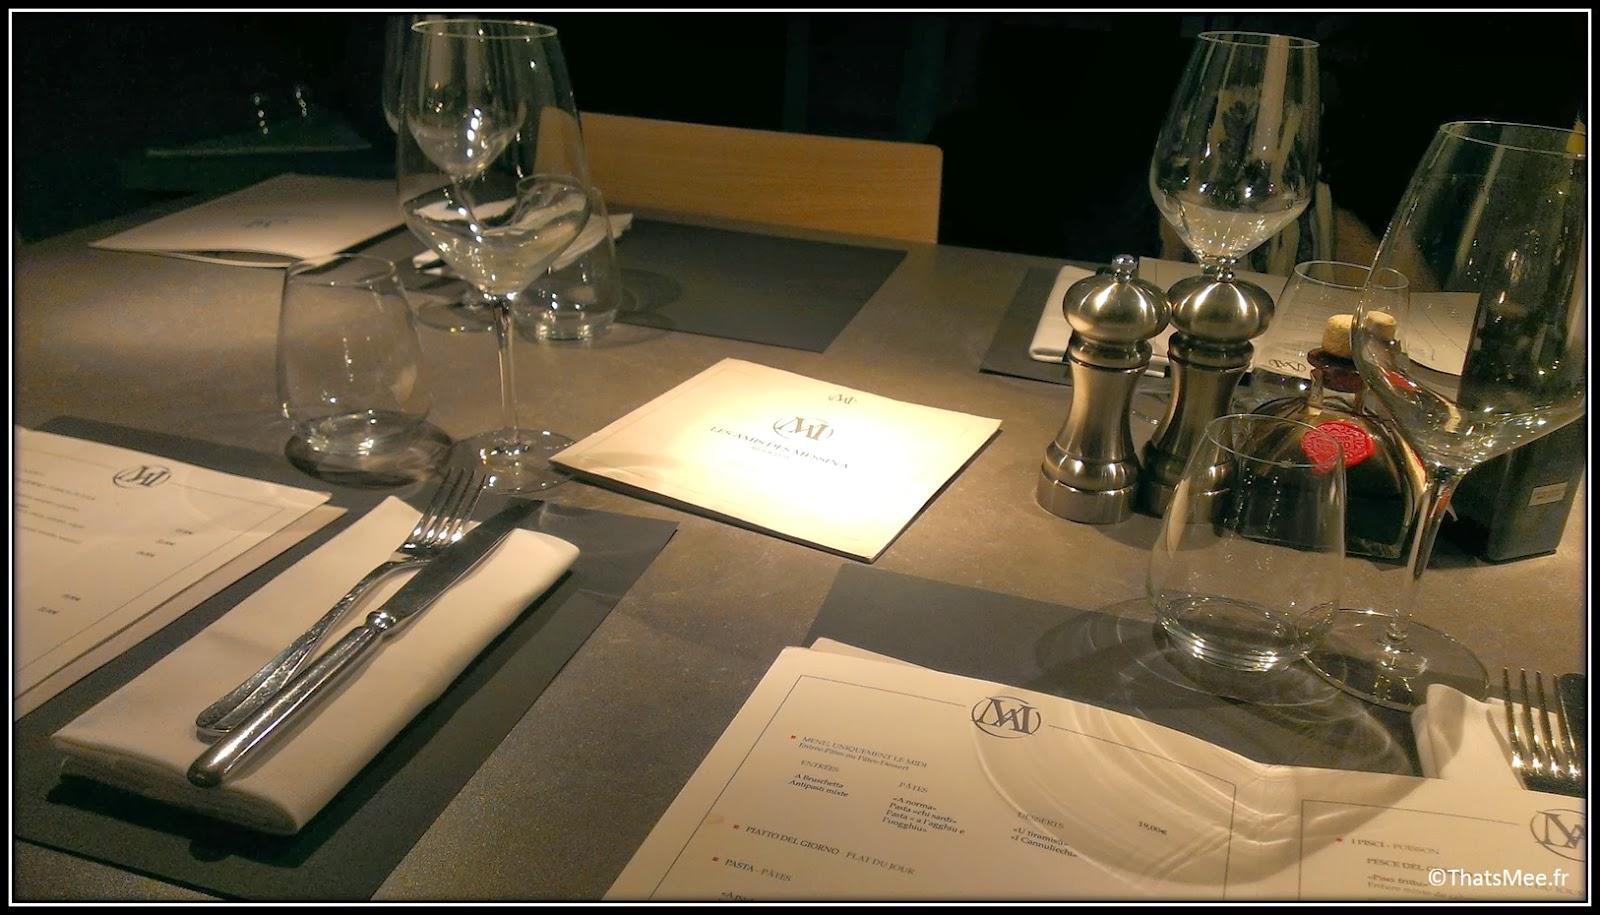 restaurant italien Les Amis de Messina Paris 12ème spécialités Sicile sicilienne tables Florent Pagny